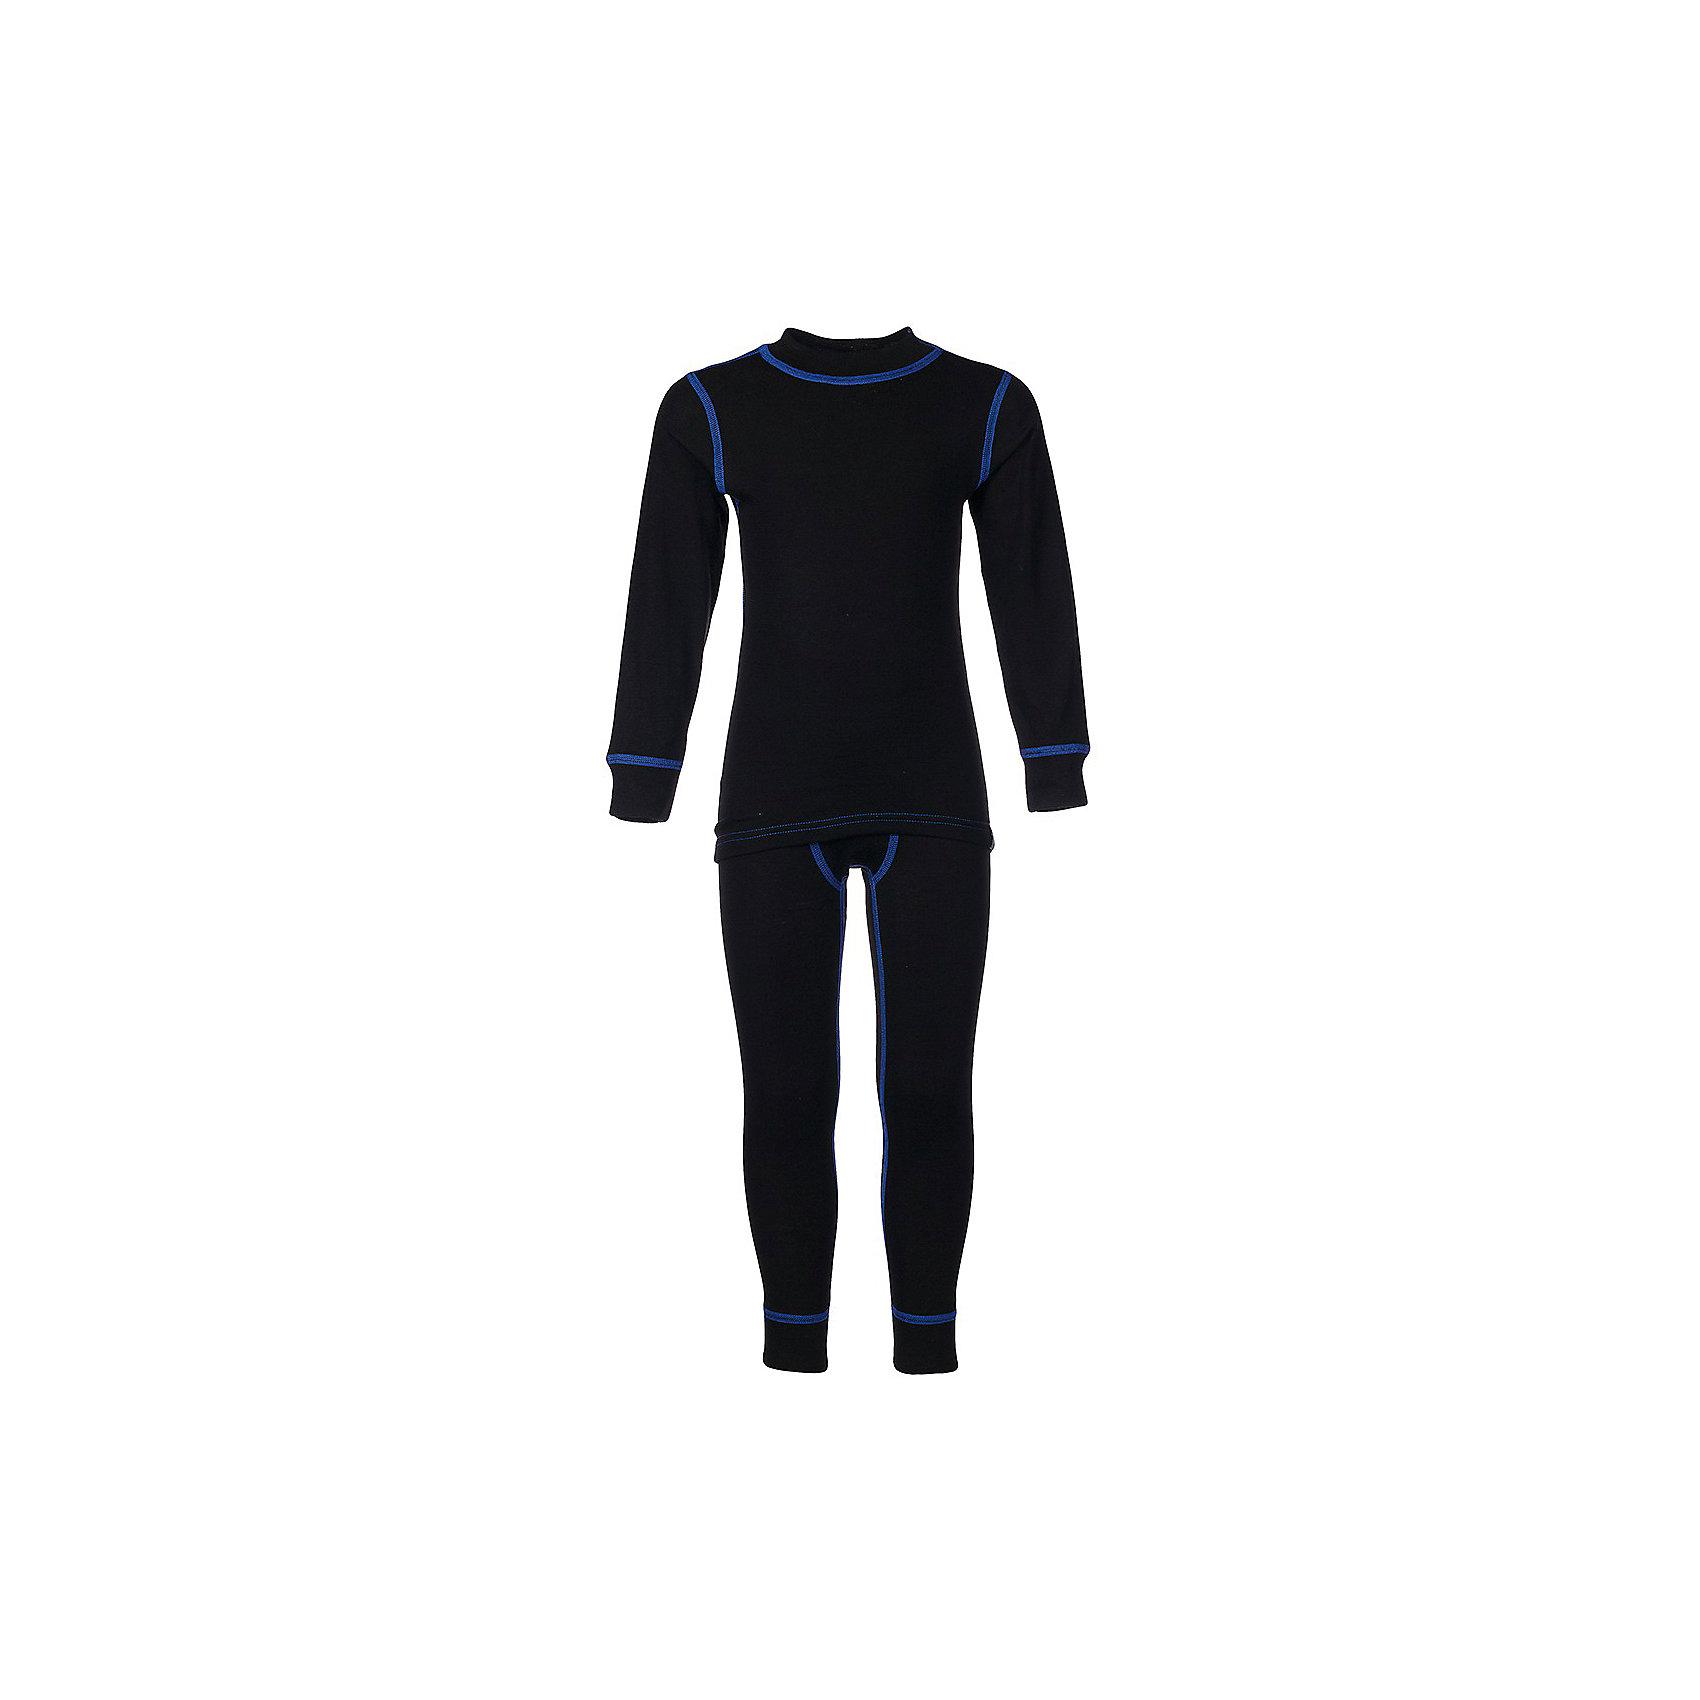 Комплект термобелья  OLDOS для мальчикаФлис и термобелье<br>Характеристики товара:<br><br>• цвет: черный<br>• комплектация: кальсоны и лонгслив<br>• состав ткани: 100% полиэстер<br>• сезон: зима<br>• температурный режим: от -25 до +5<br>• особенности модели: термобелье<br>• пояс: резинка<br>• длинные рукава<br>• с начесом<br>• страна бренда: Россия<br>• страна изготовитель: Россия<br><br>Черный детский комплект термобелья состоит из леггинсов и лонгслива. Комплект термобелья для мальчика сшит из теплого эластичного материала. Обеспечить ребенку в холода комфорт и тепло поможет комплект термобелья. Швы на детском термобелье мягкие, не натирают.<br><br>Комплект термобелья Oldos (Олдос) для мальчика можно купить в нашем интернет-магазине.<br><br>Ширина мм: 215<br>Глубина мм: 88<br>Высота мм: 191<br>Вес г: 336<br>Цвет: черный<br>Возраст от месяцев: 156<br>Возраст до месяцев: 168<br>Пол: Мужской<br>Возраст: Детский<br>Размер: 164,146,104,110,116,122,128,134,140,152,158<br>SKU: 7015254